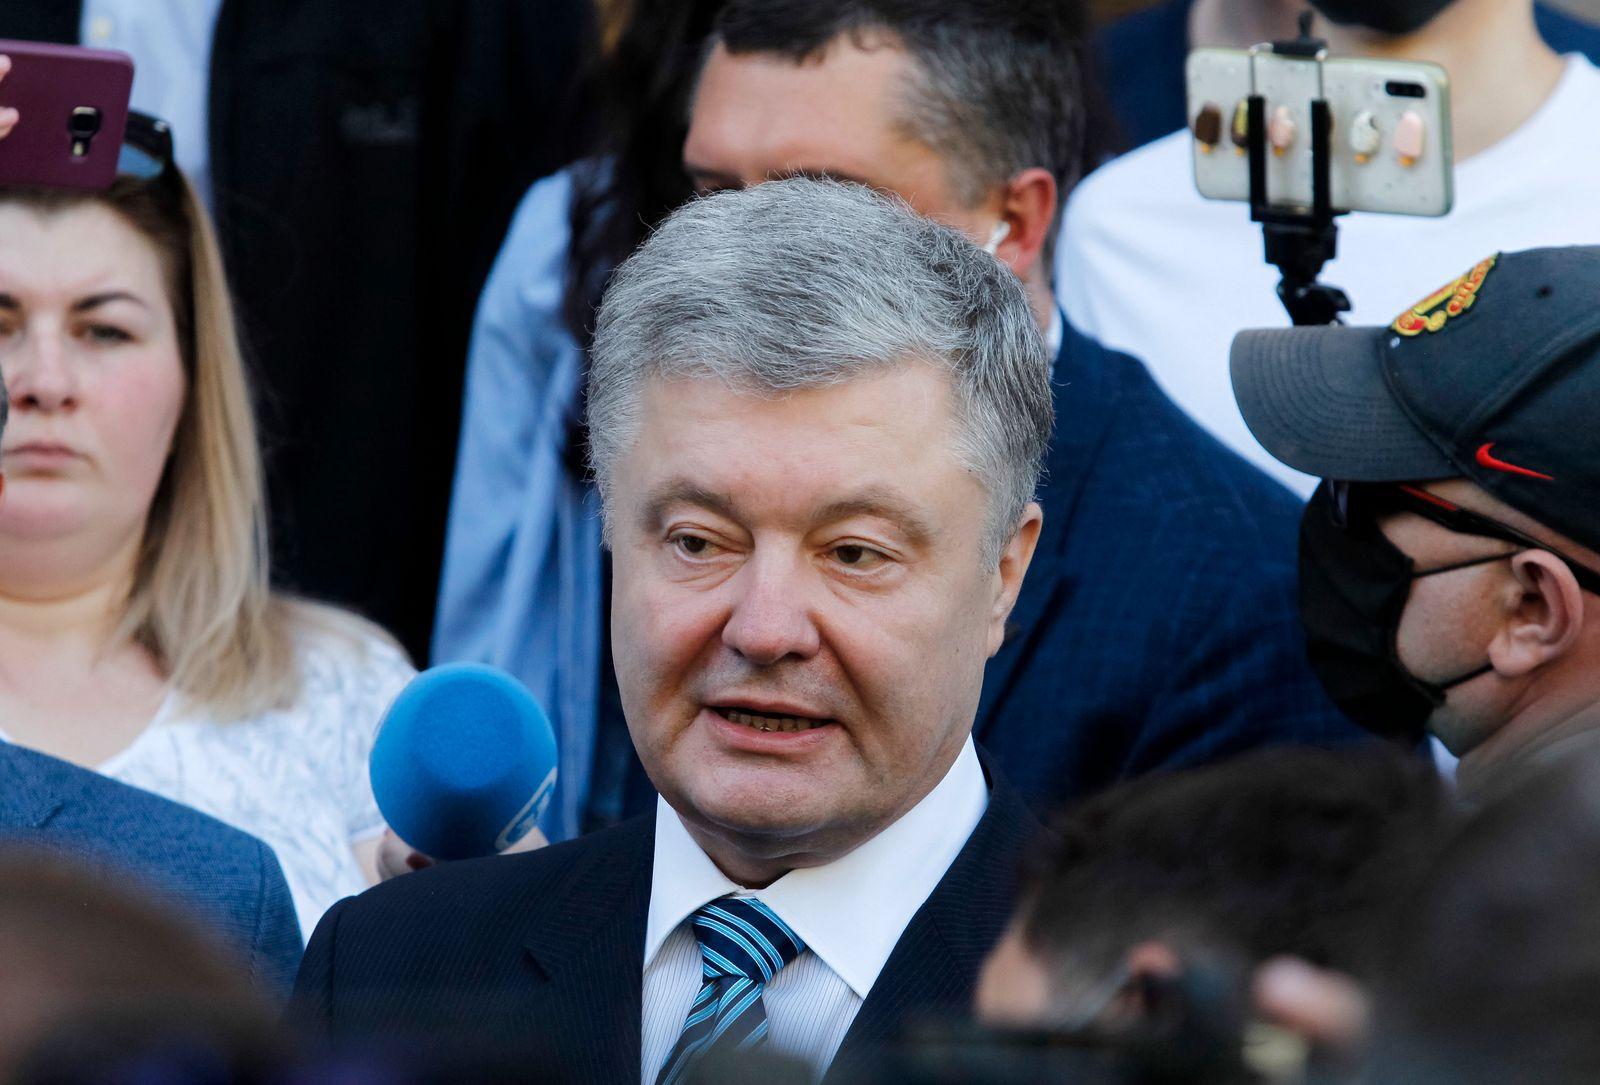 Strafverfahren in der Ukraine